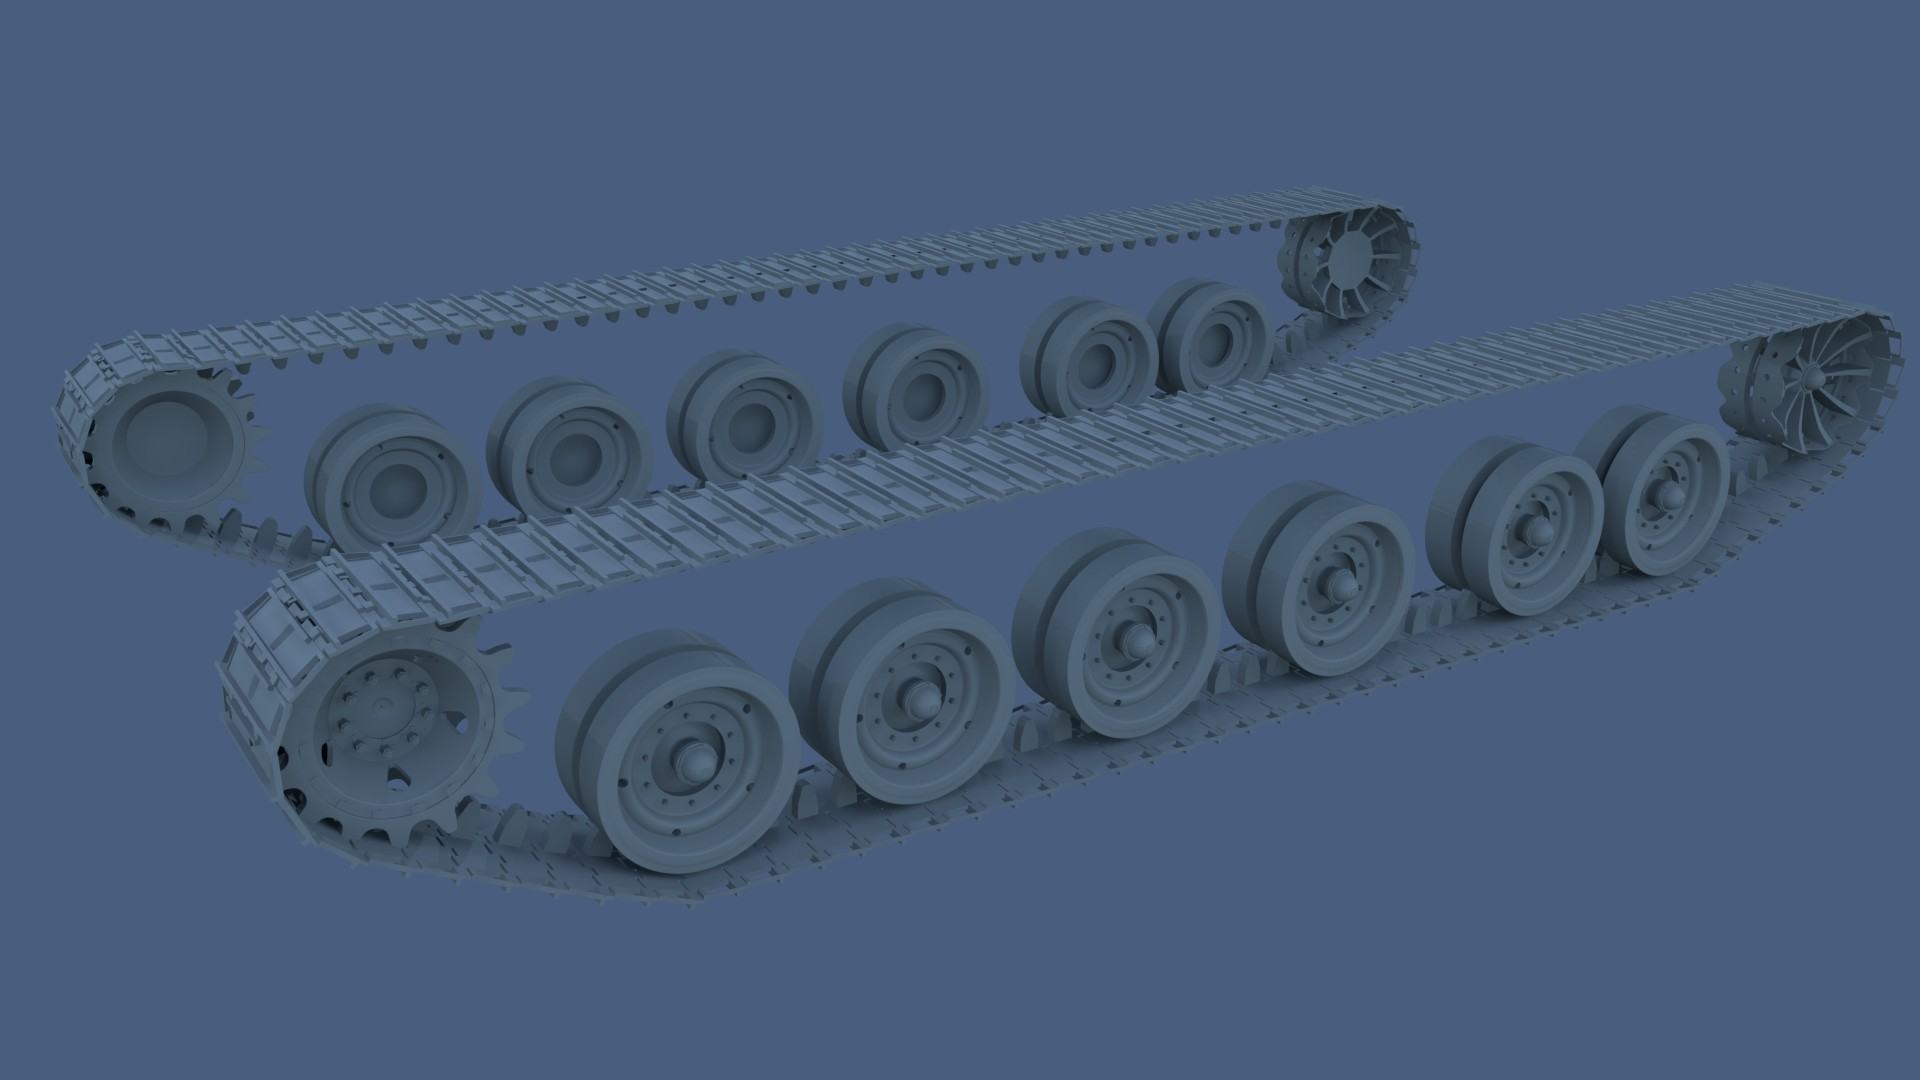 Week 1 WIP render of track and wheel set for Merkava Mk4 tank.